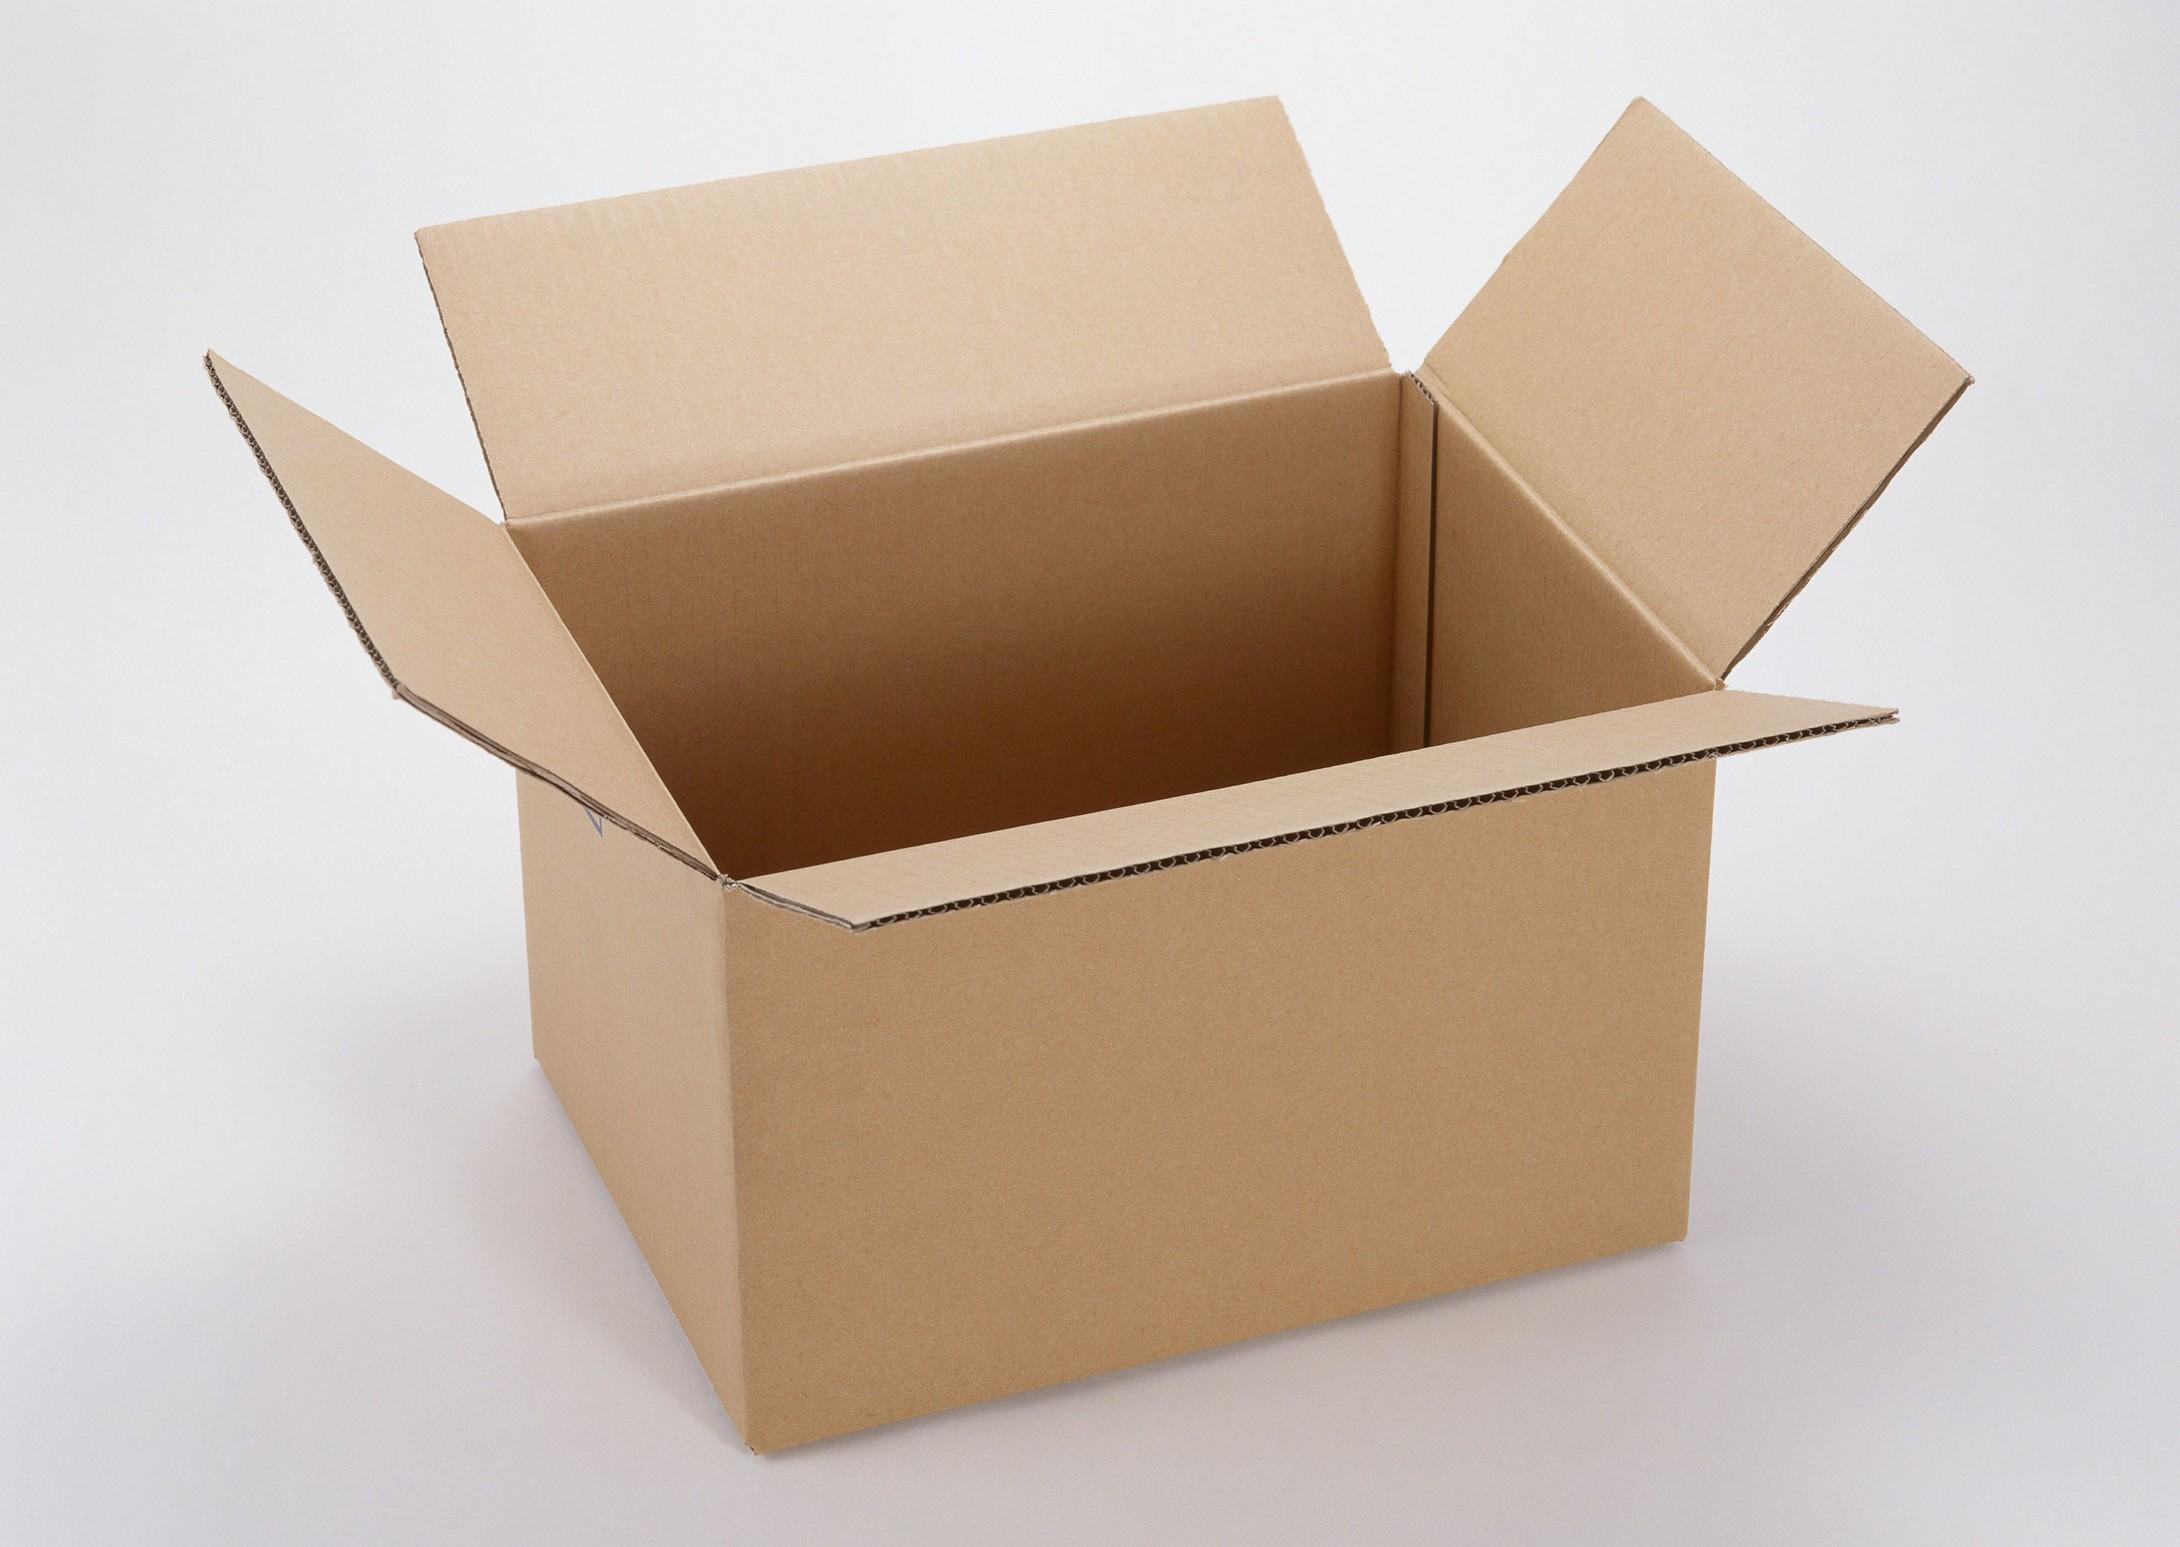 哈尔滨纸箱厂如何解决开槽精度不够